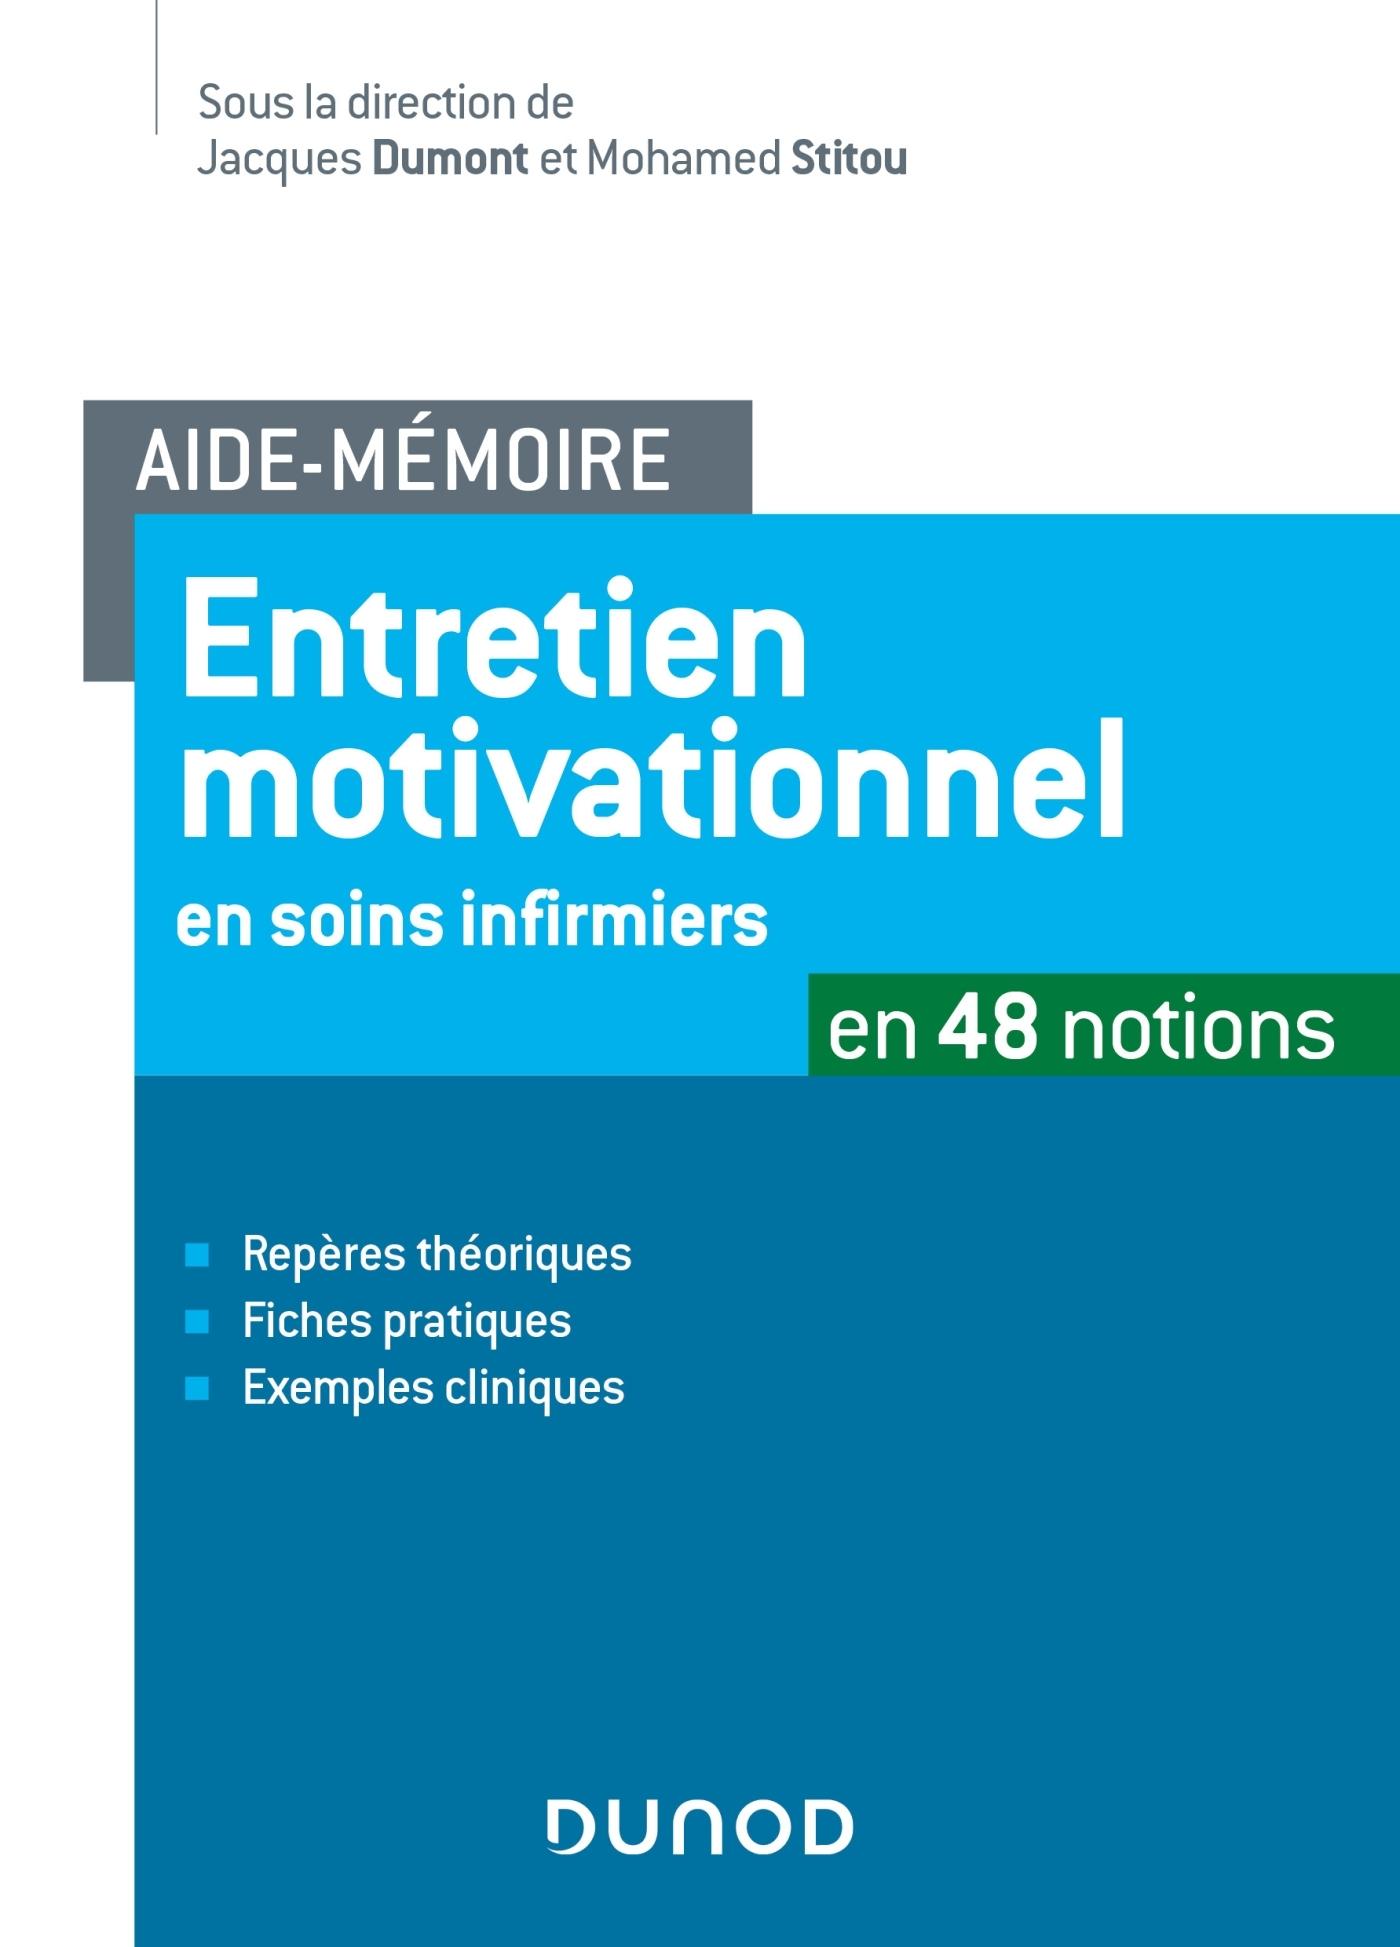 AIDE-MEMOIRE -ENTRETIEN MOTIVATIONNEL EN SOINS INFIRMIERS - EN 48 NOTIONS